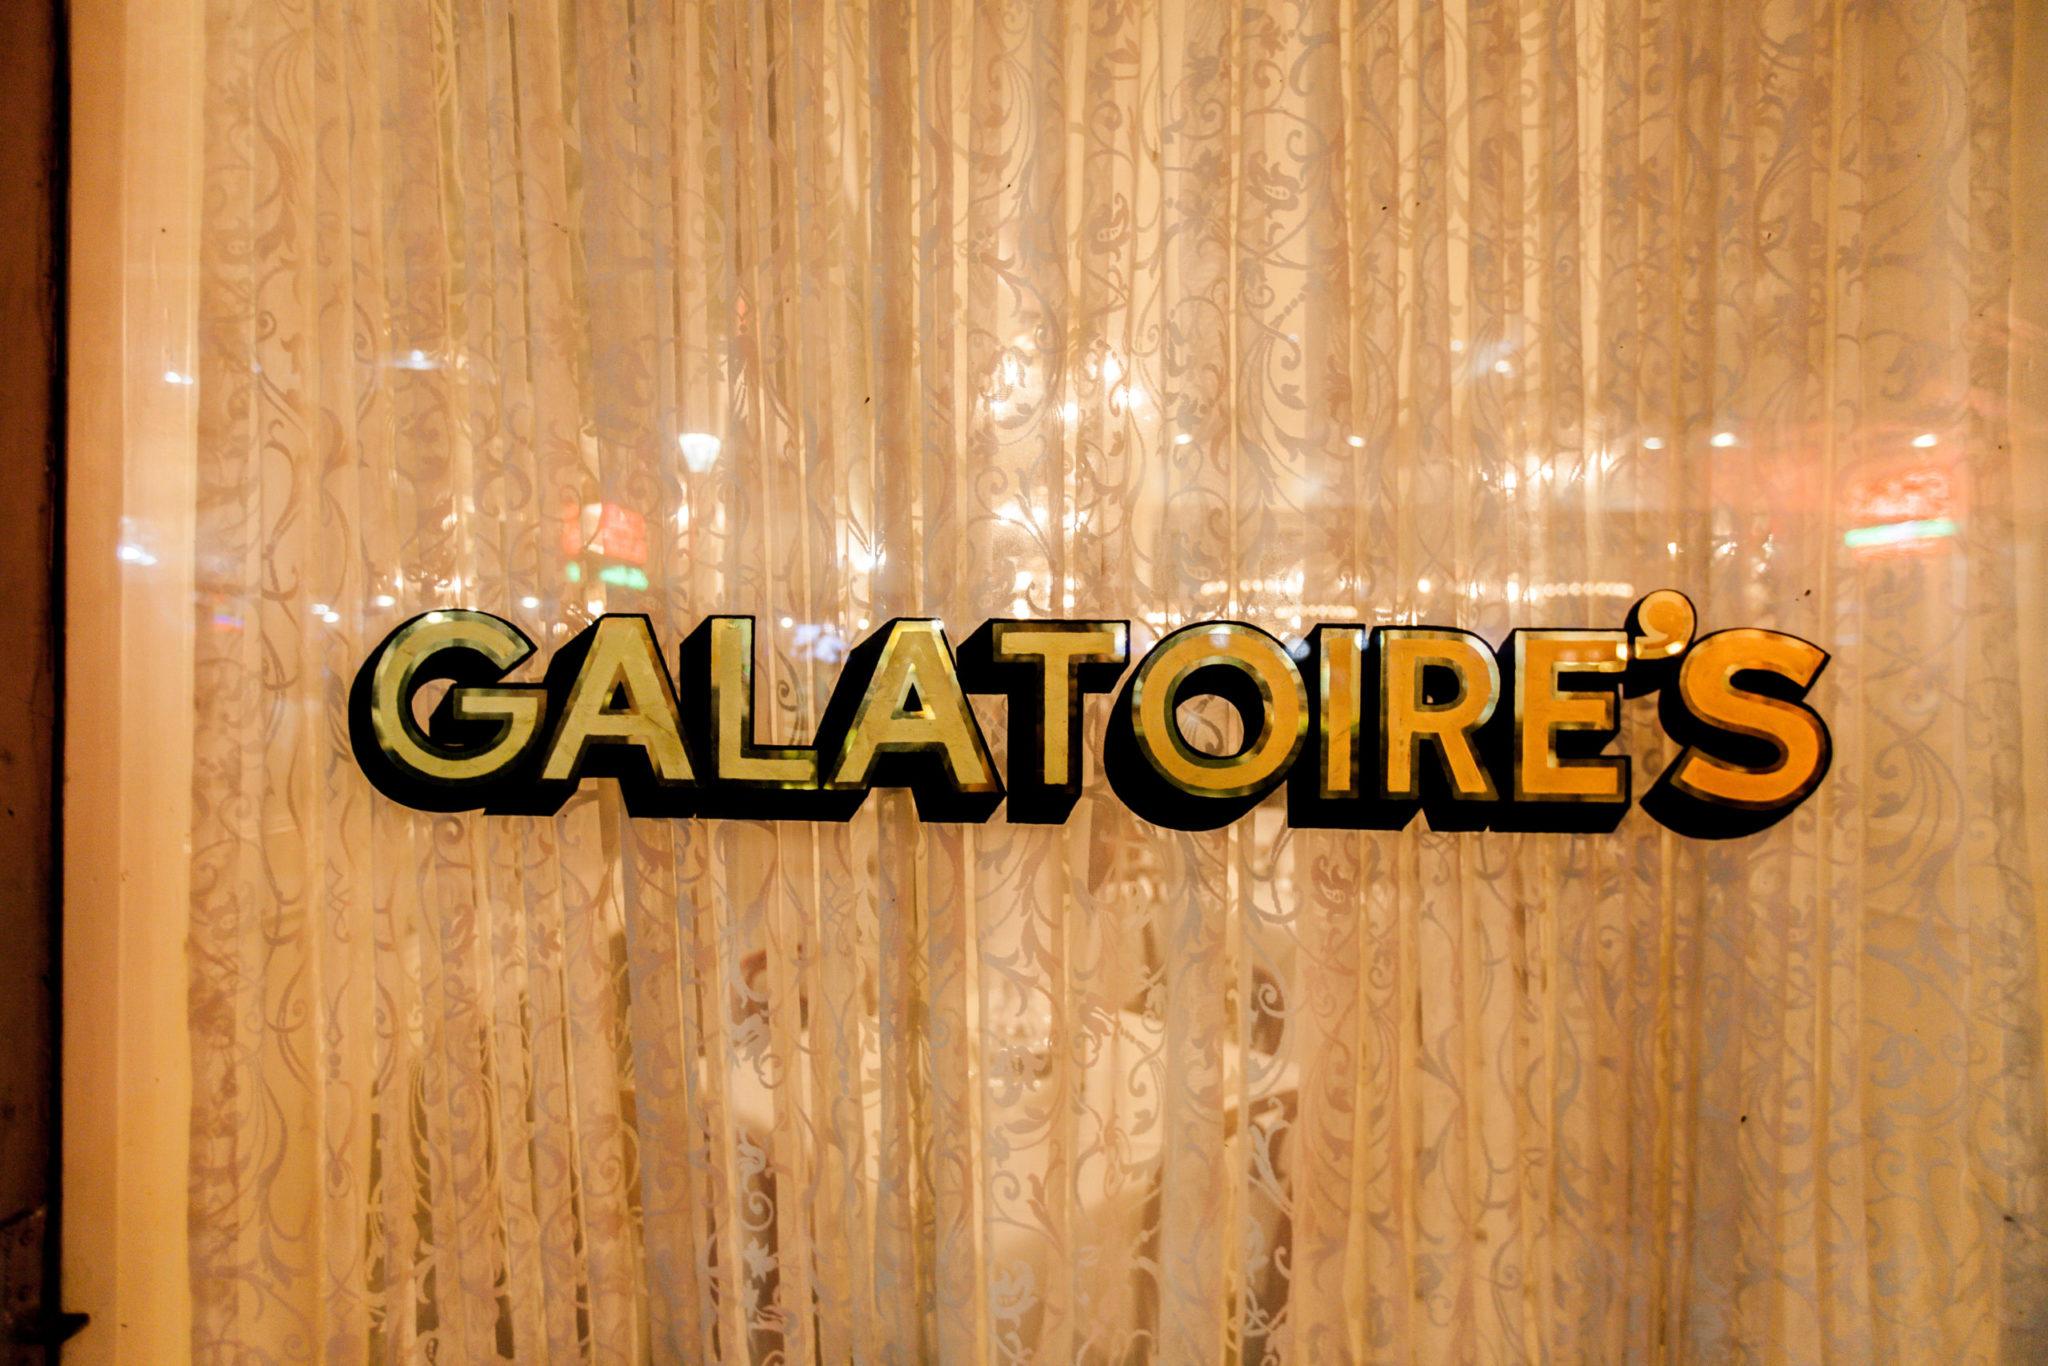 Galatoires